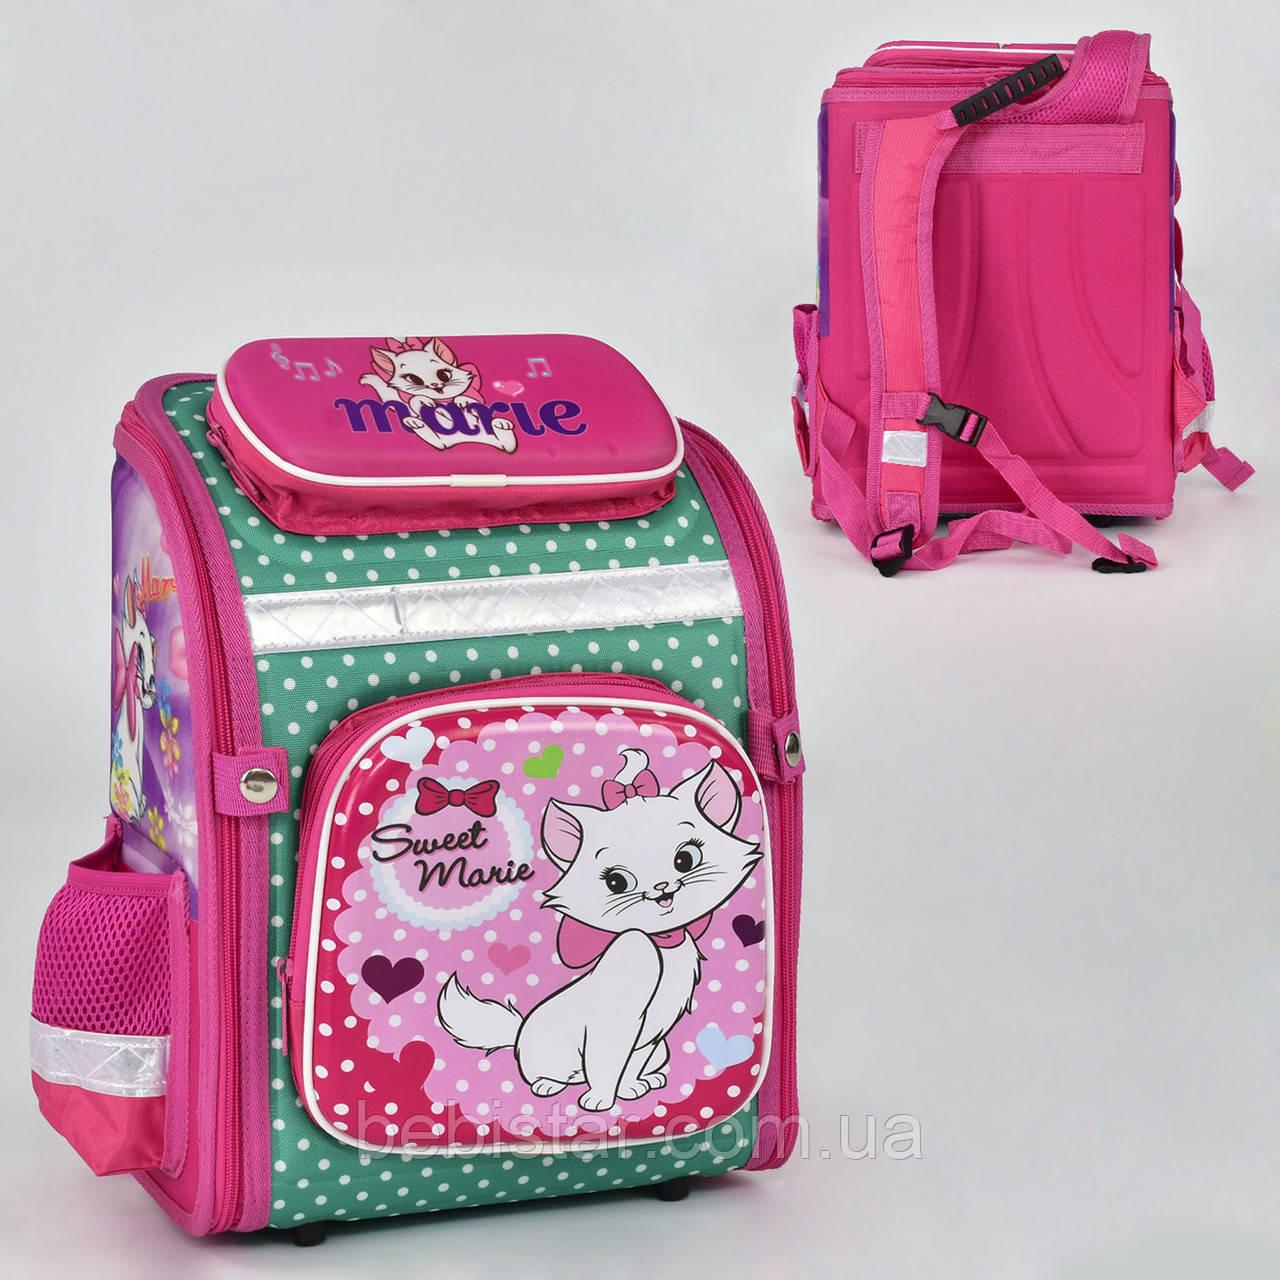 Школьный рюкзак ортопедическая спинка 3 кармана с изображением кошечки